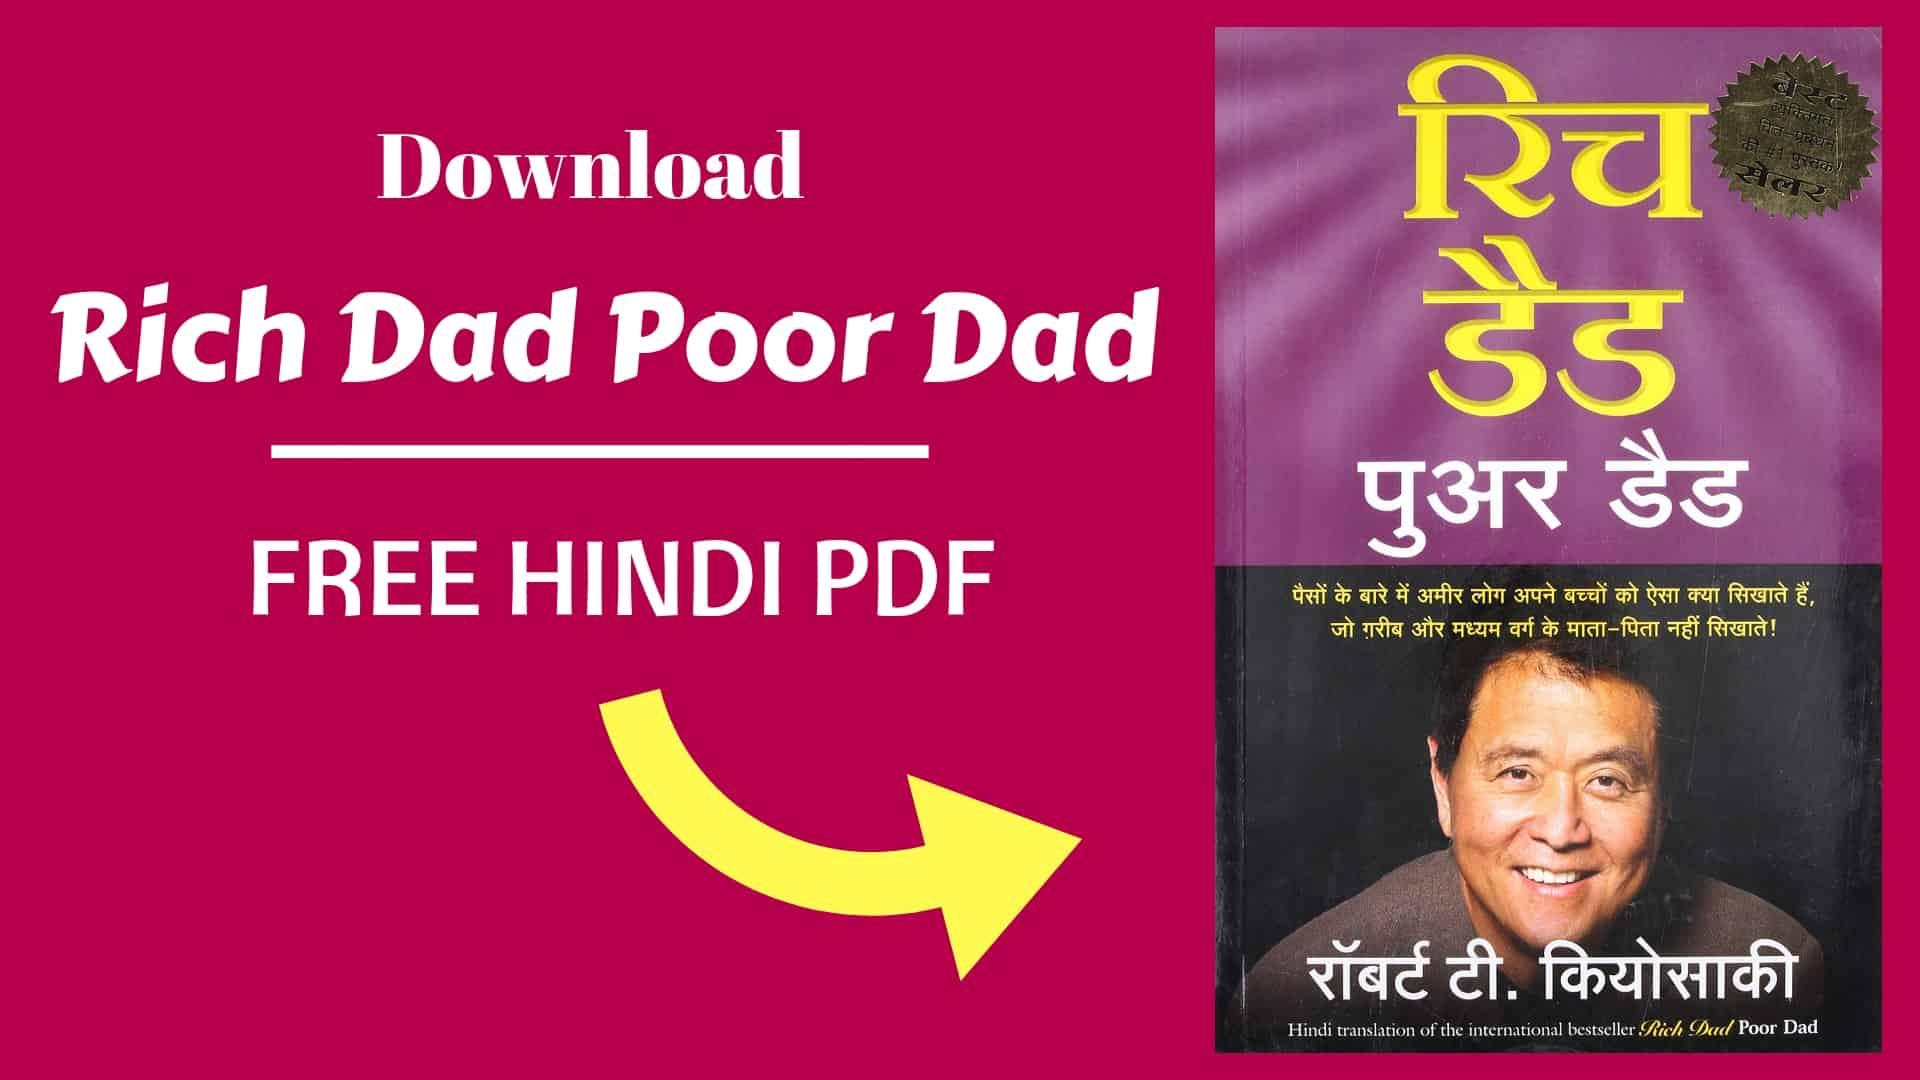 Rich Dad Poor Dad In Hindi Free PDF